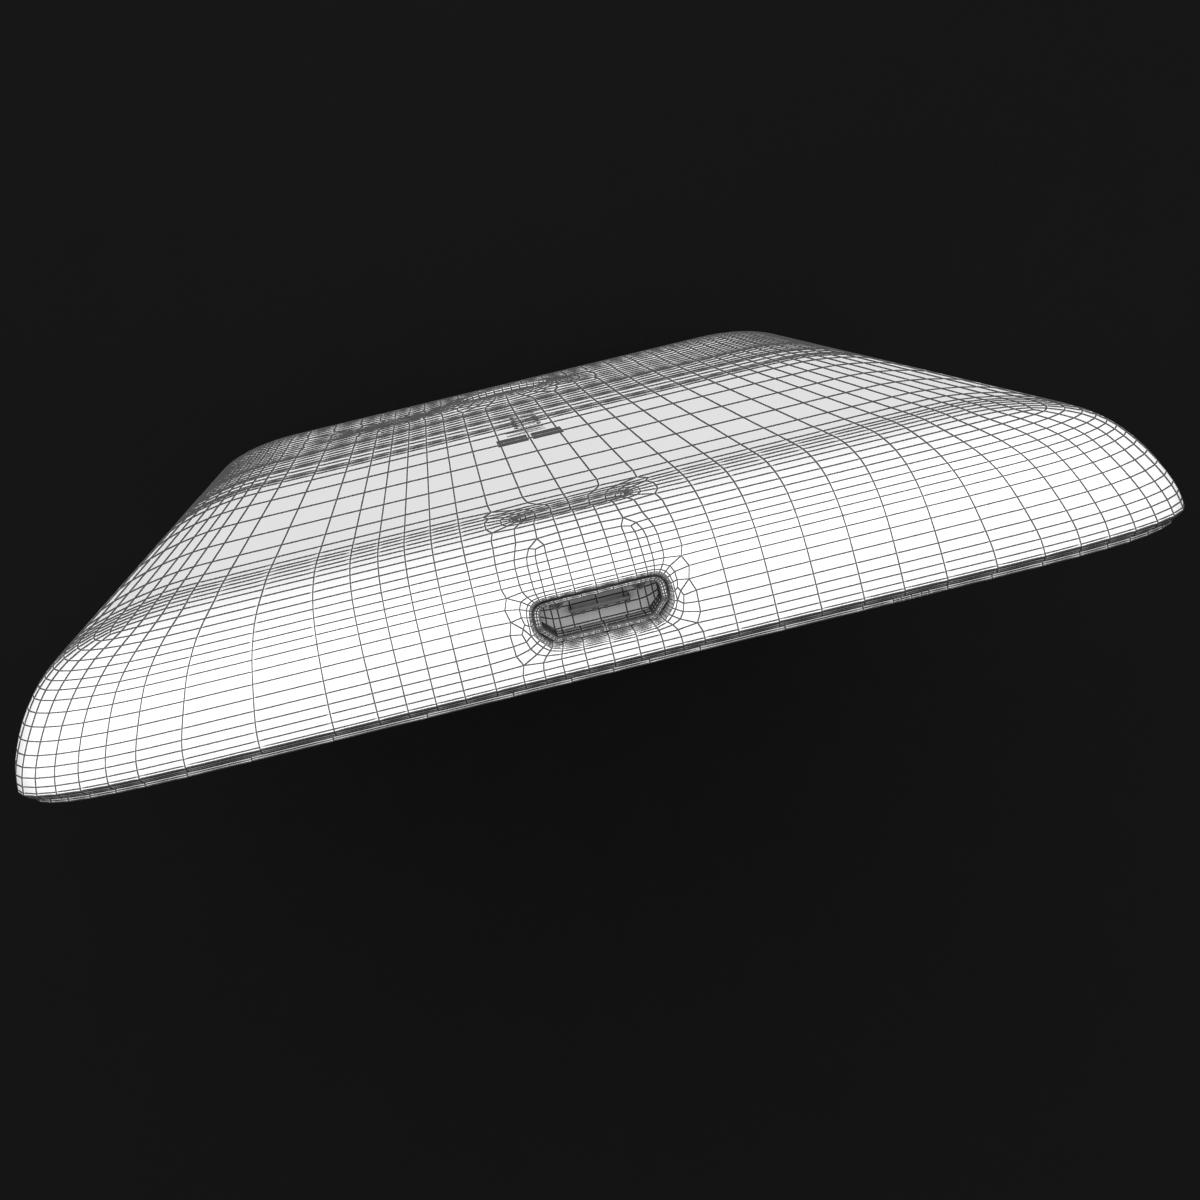 microsoft lumia 535 and dual sim gray 3d model 3ds max fbx c4d obj 204485